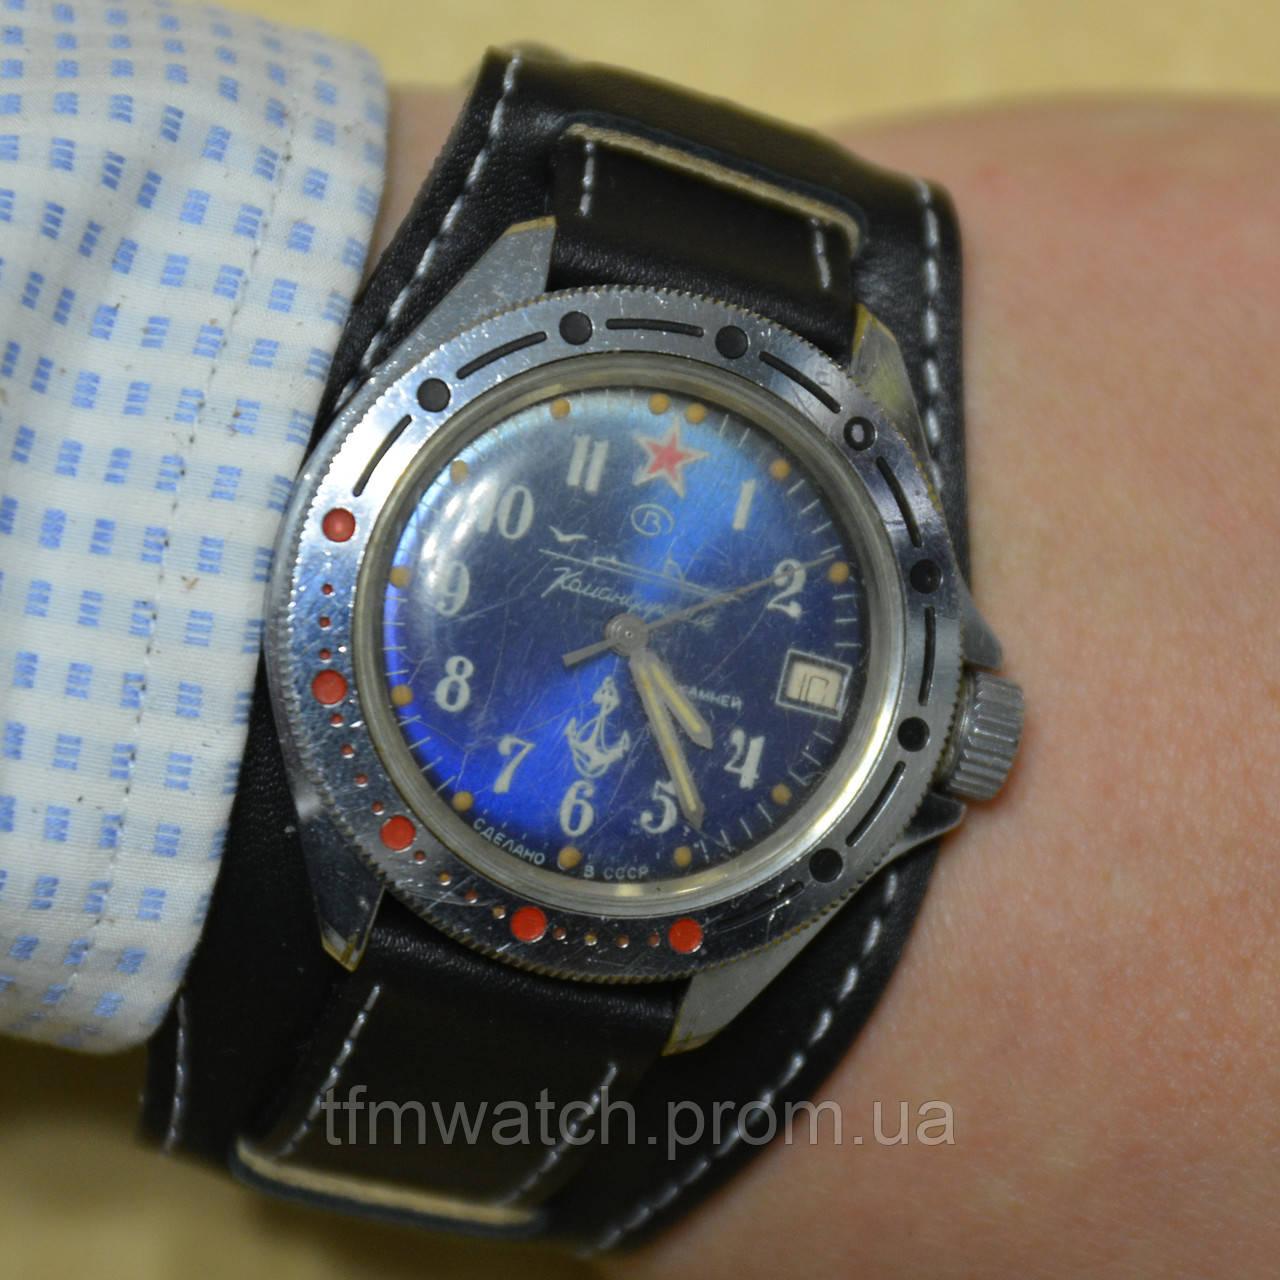 a1040b932c72 Командирские наручные механические часы СССР